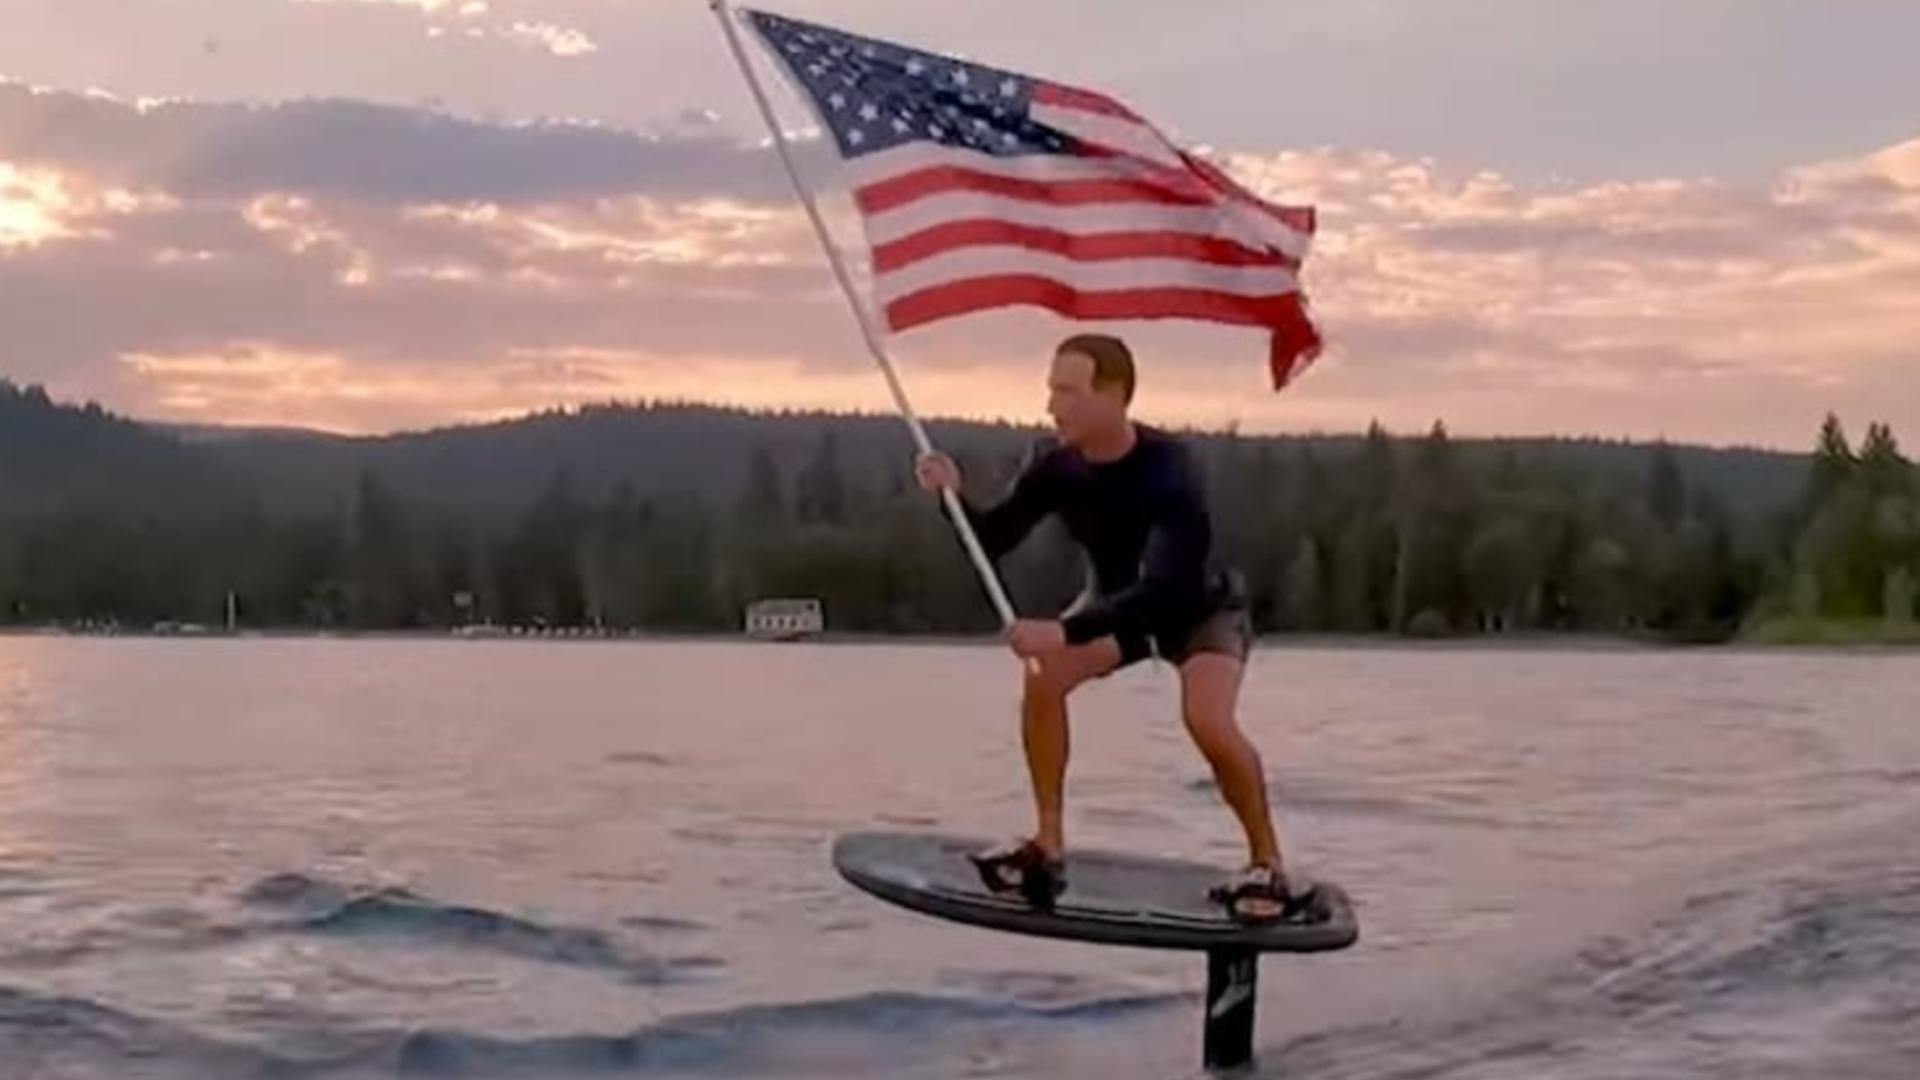 , Forget Facebook Destroying Democracy. Mark Zuckerberg Is Worried About His Surfboard., Saubio Making Wealth